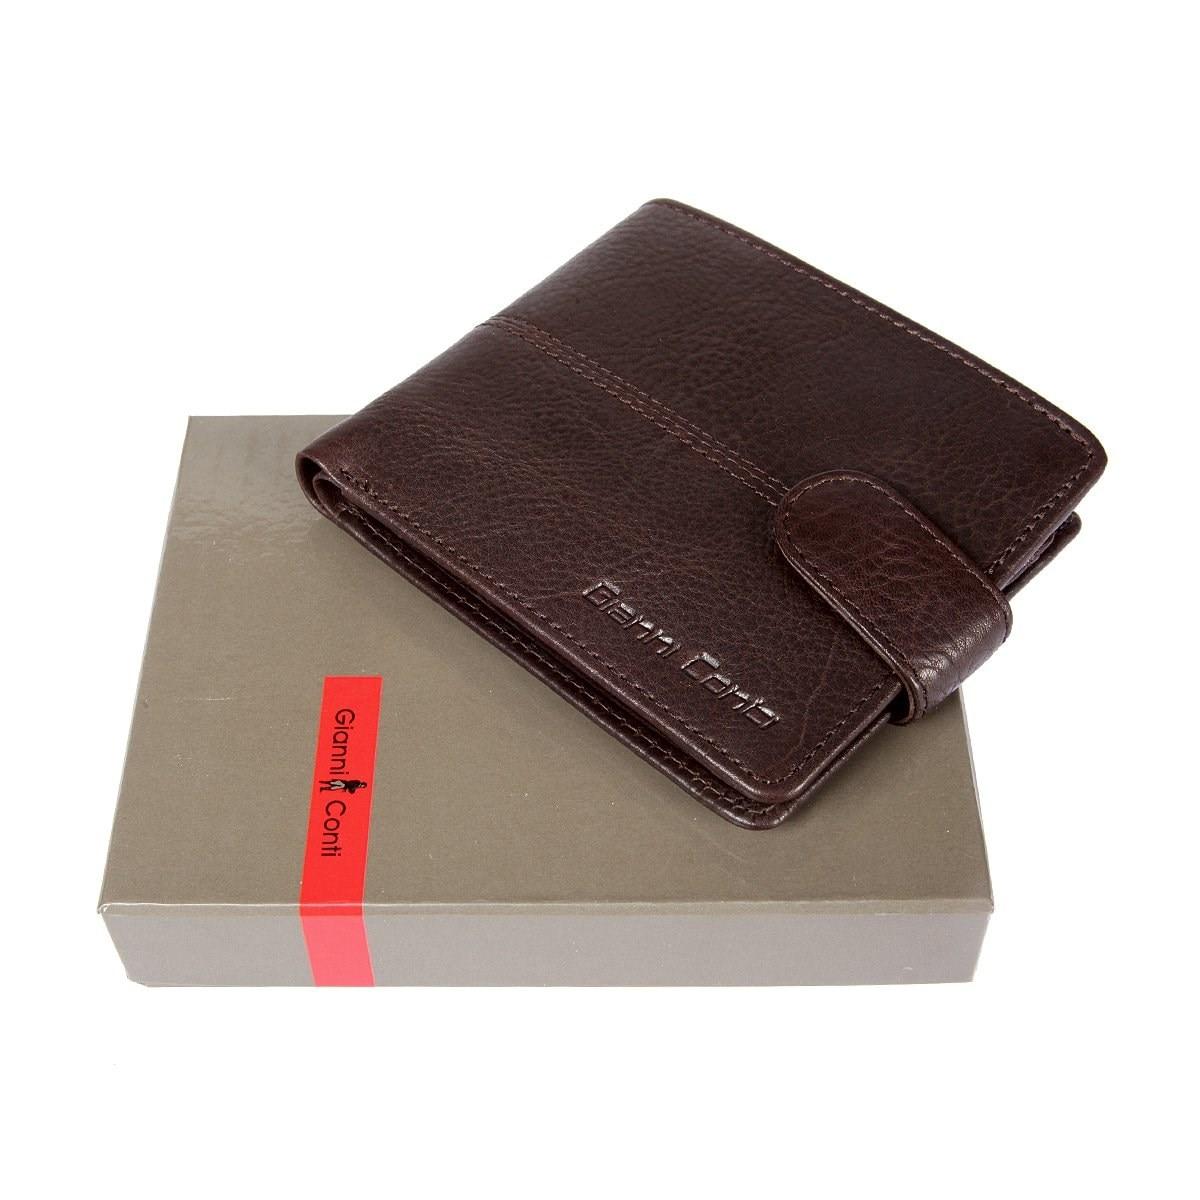 Coin Purse Gianni Conti 1137075 dark brown